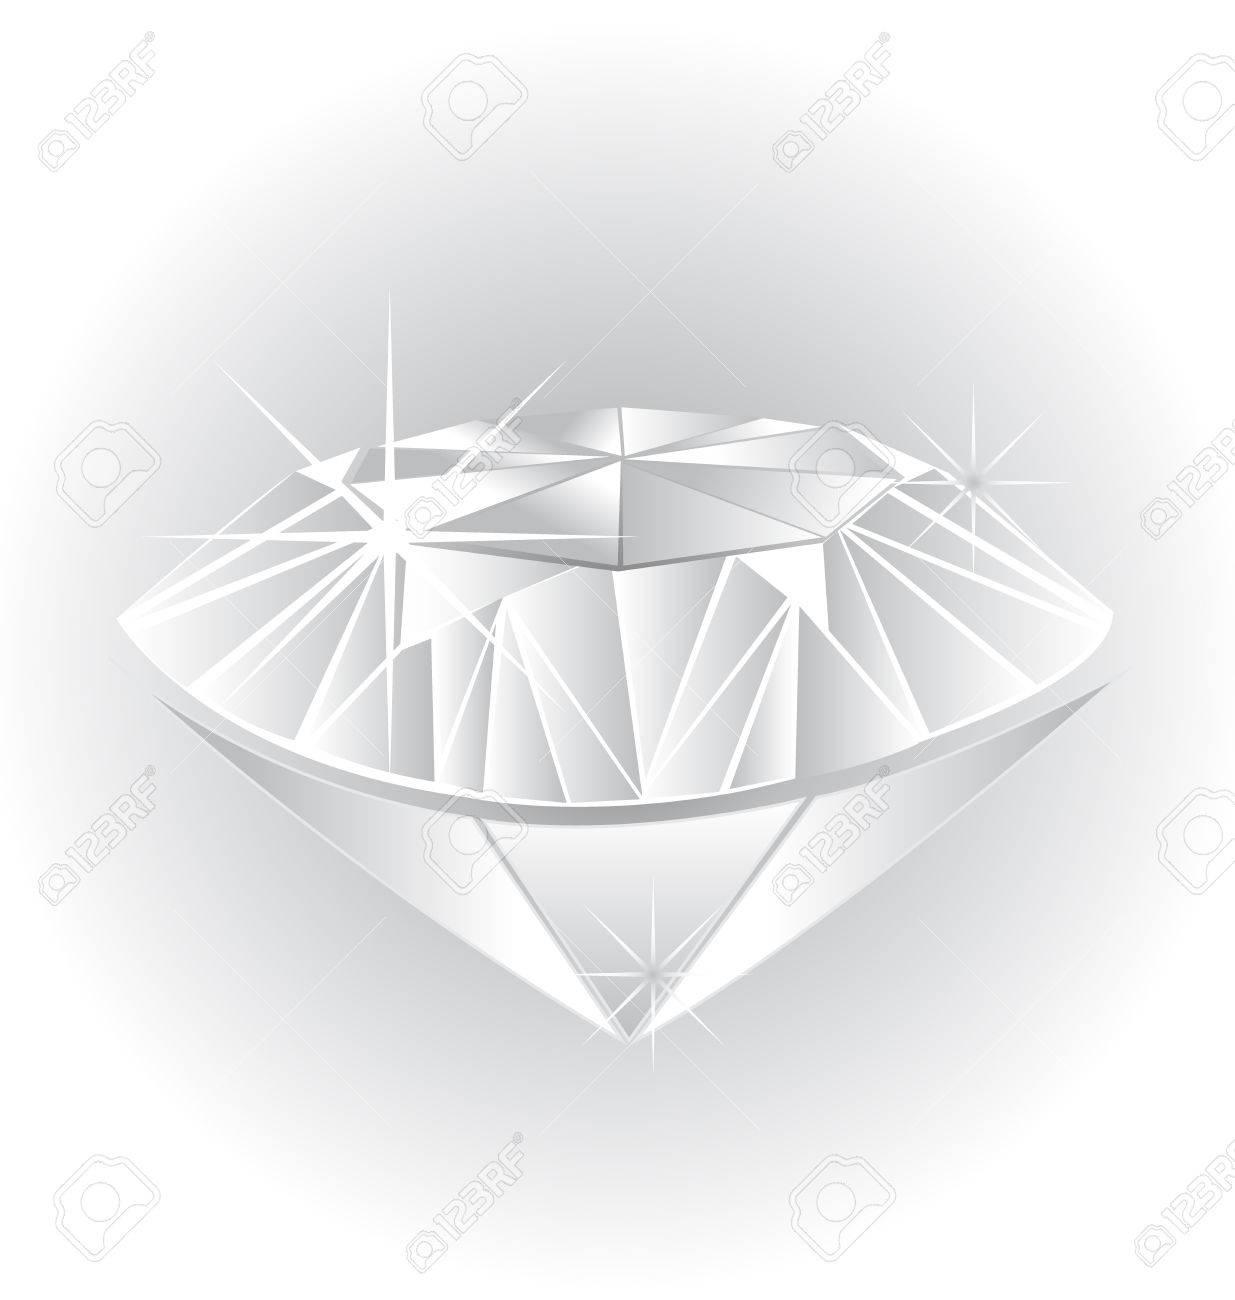 Diamond illustration - 57119390